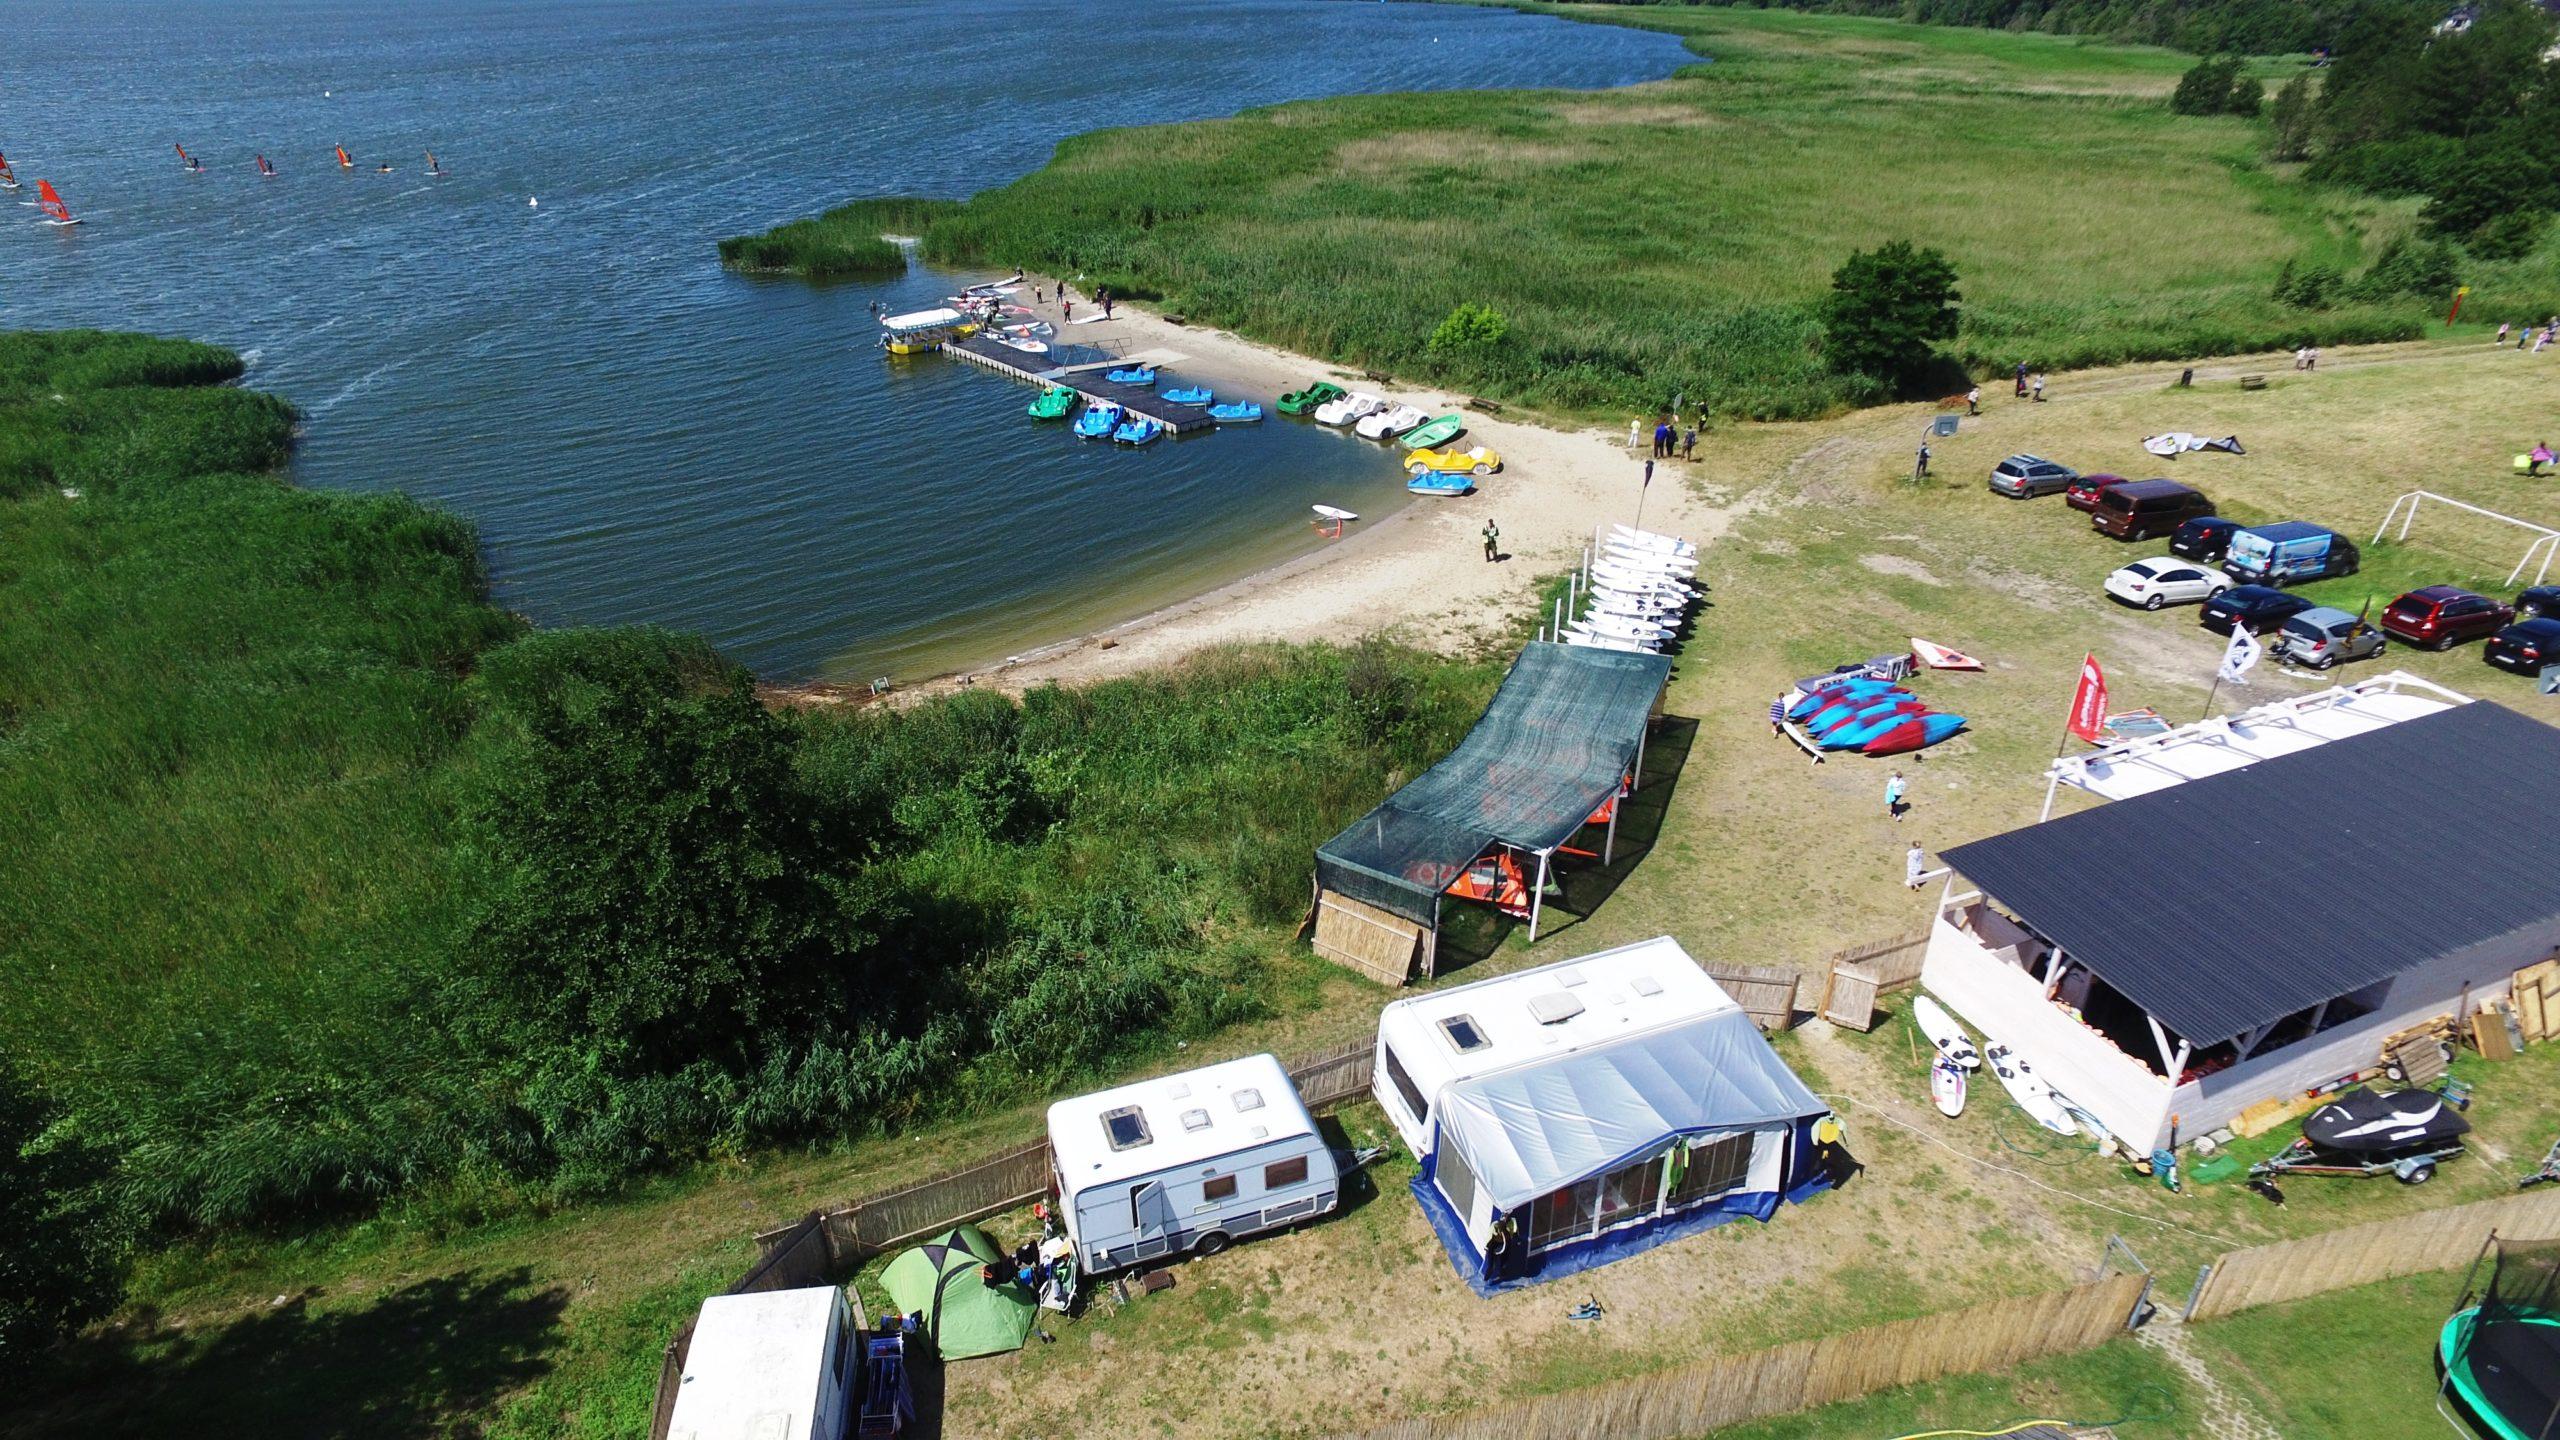 Szkoła windsurfingu AR-SPORT w Dziwnówku zachodniopomorskie